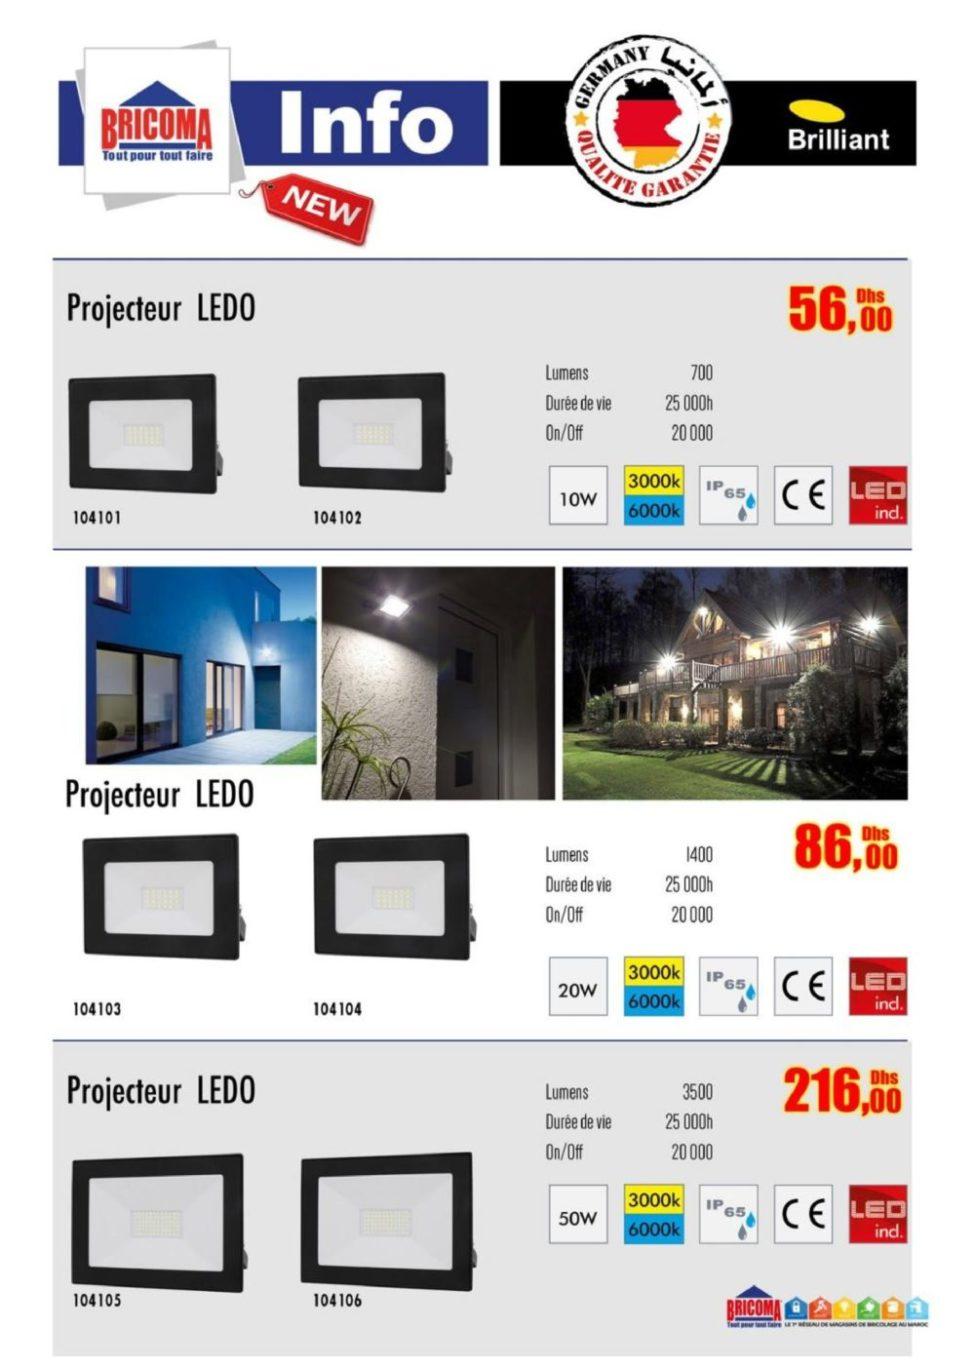 Catalogue Bricoma Spécial Éclairage et Luminaire Février 2019